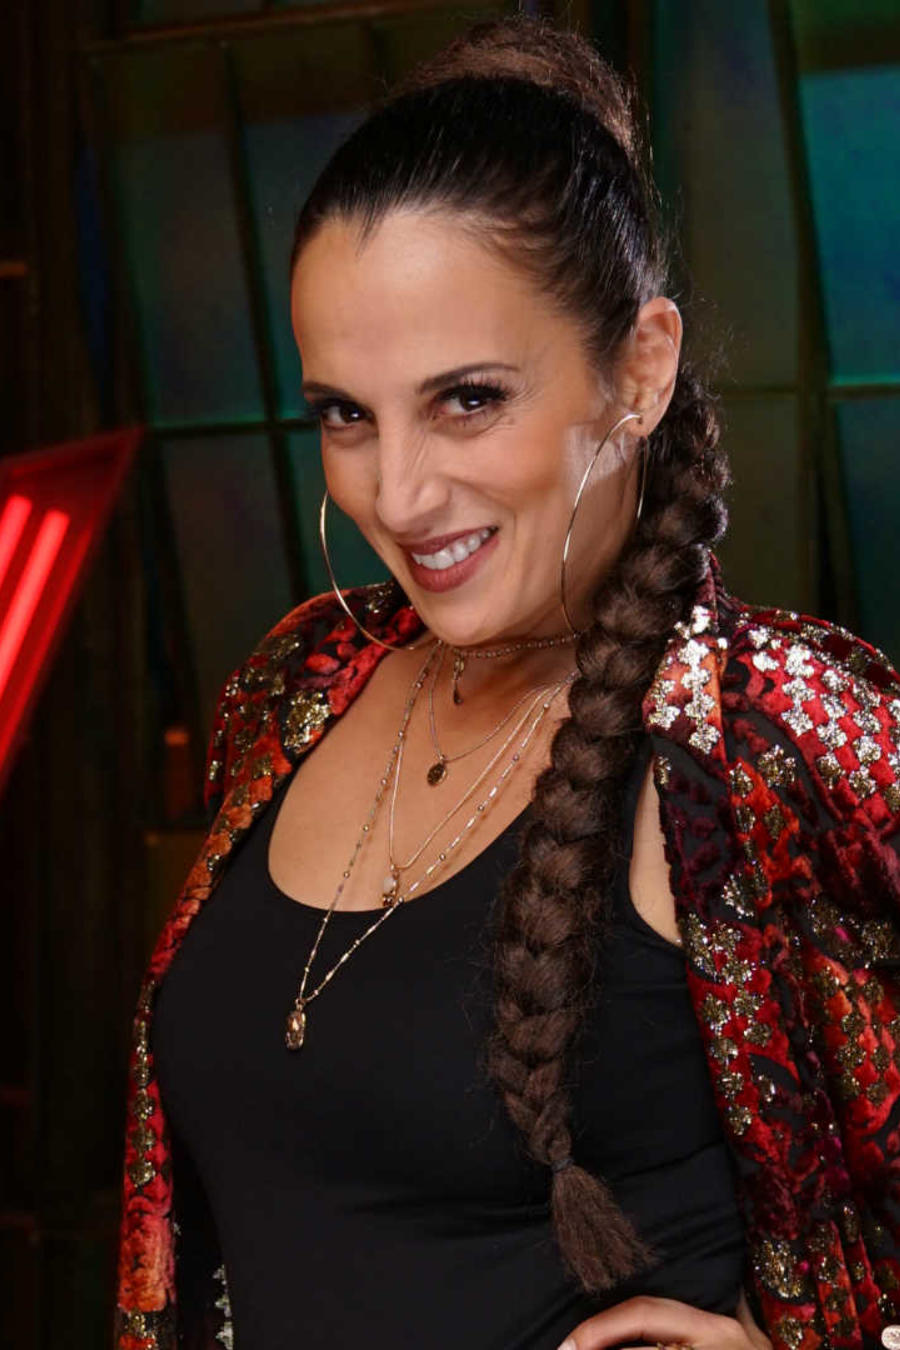 Mayre Martínez